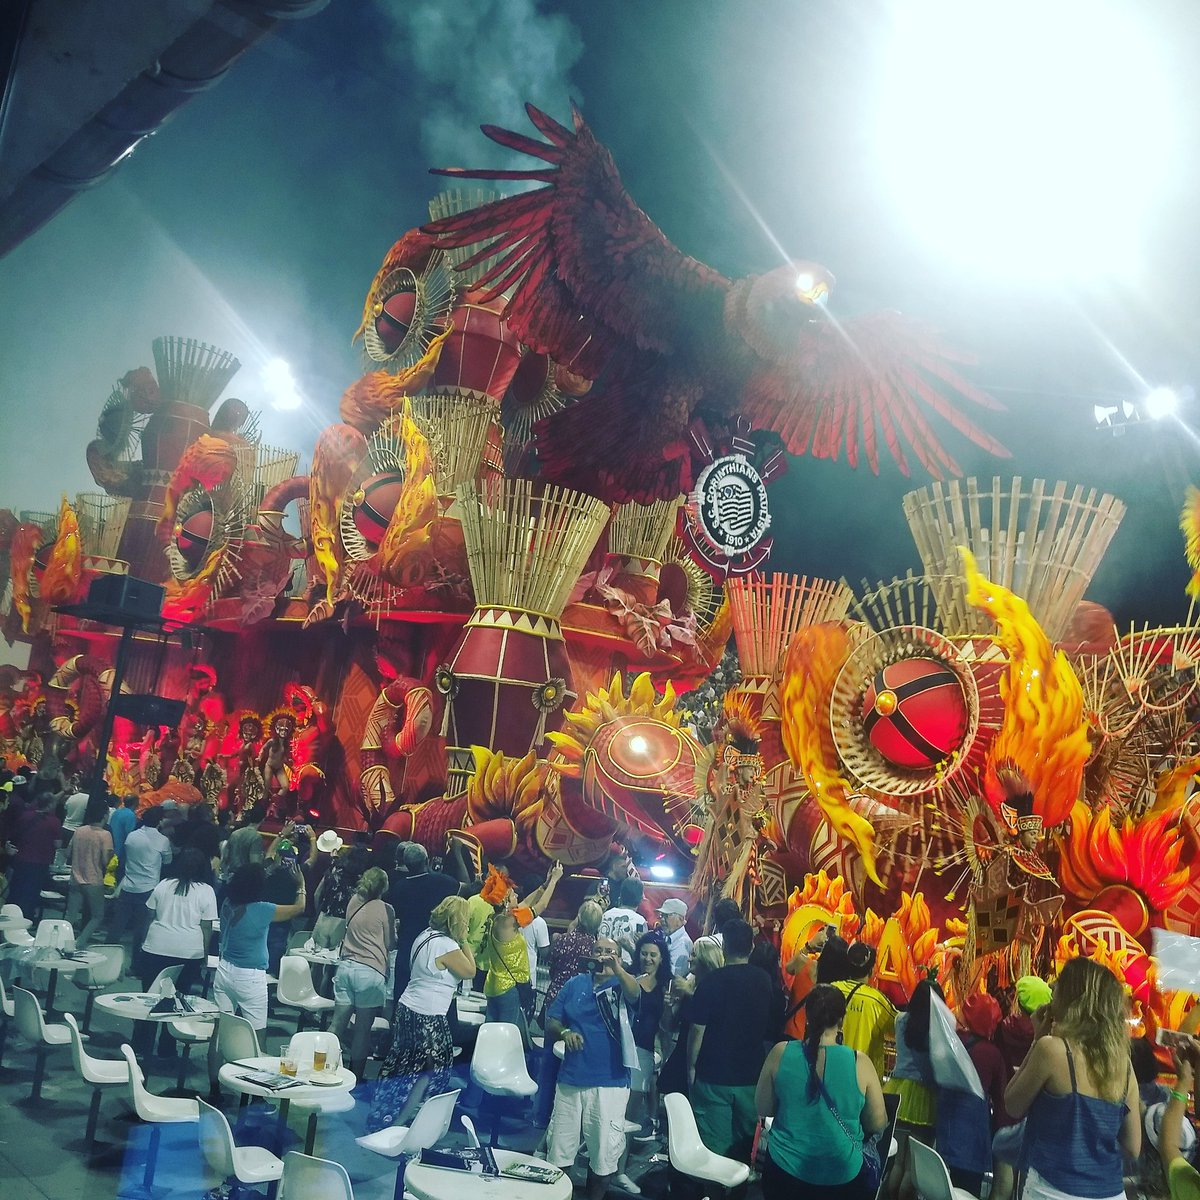 Grandioso e gigantesco o carro abre alas da Gaviões da Fiel #BandNewsFM #carnavalsp